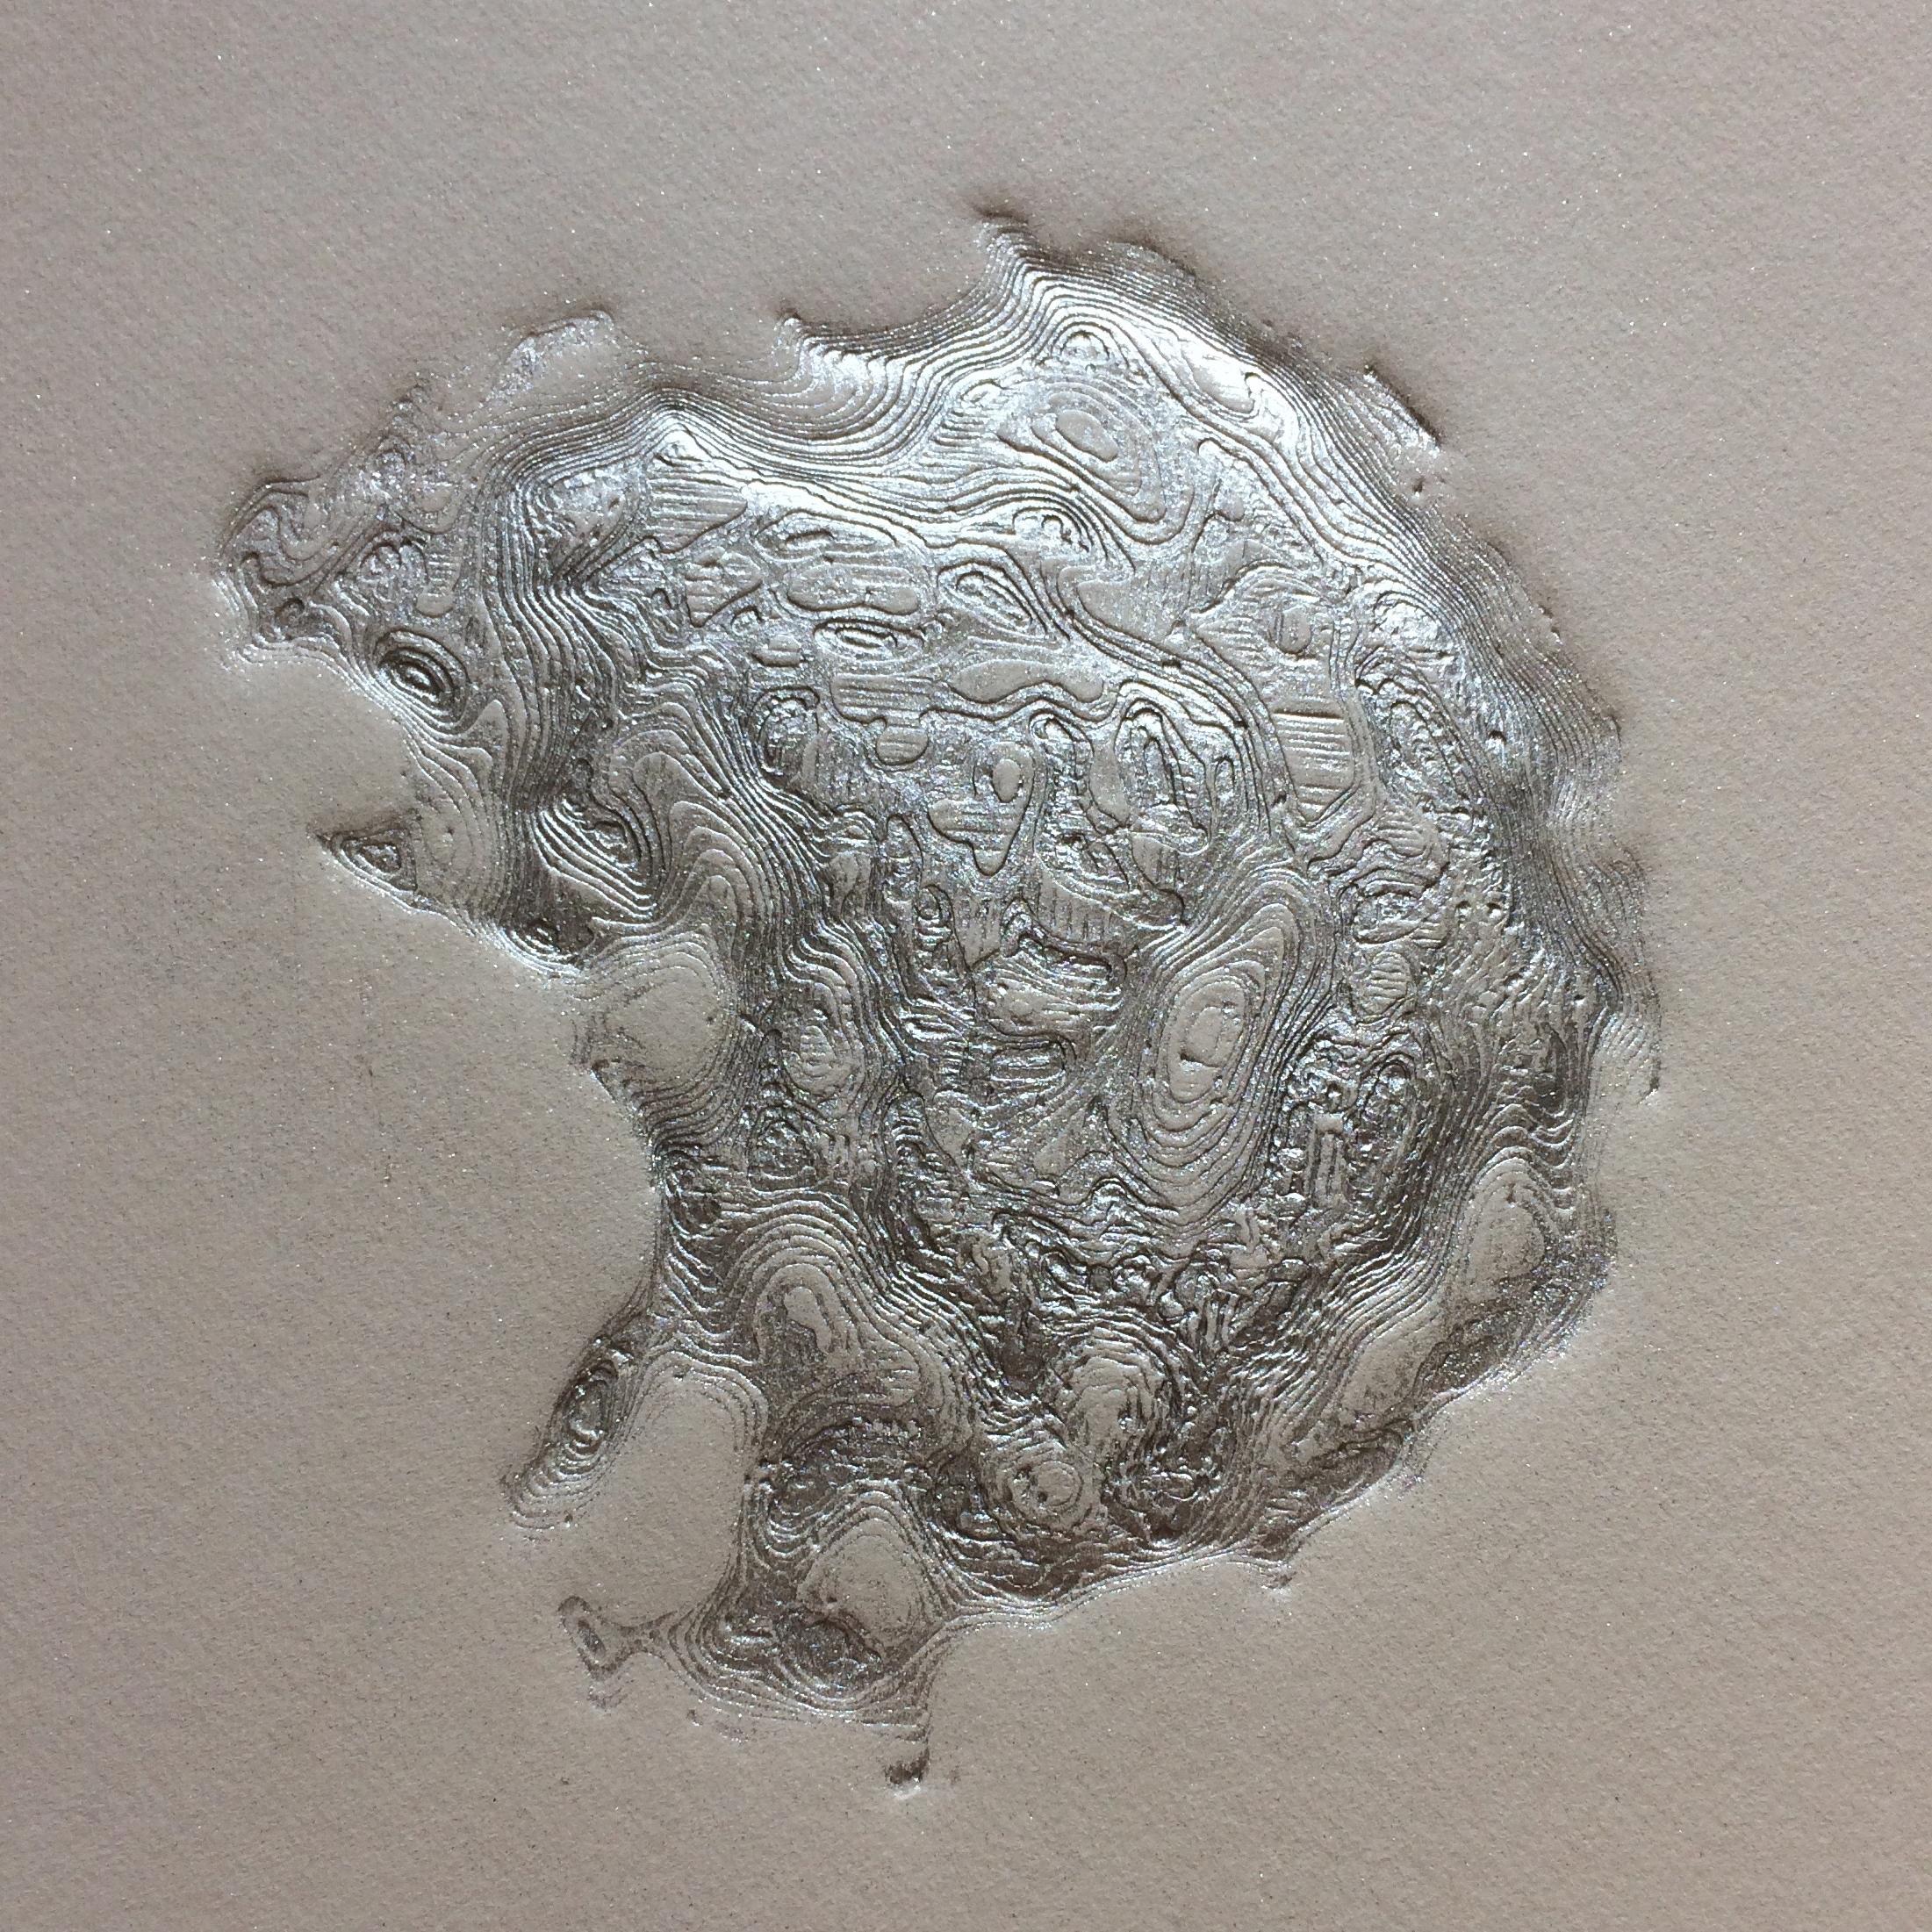 'Seascape' in aluminium